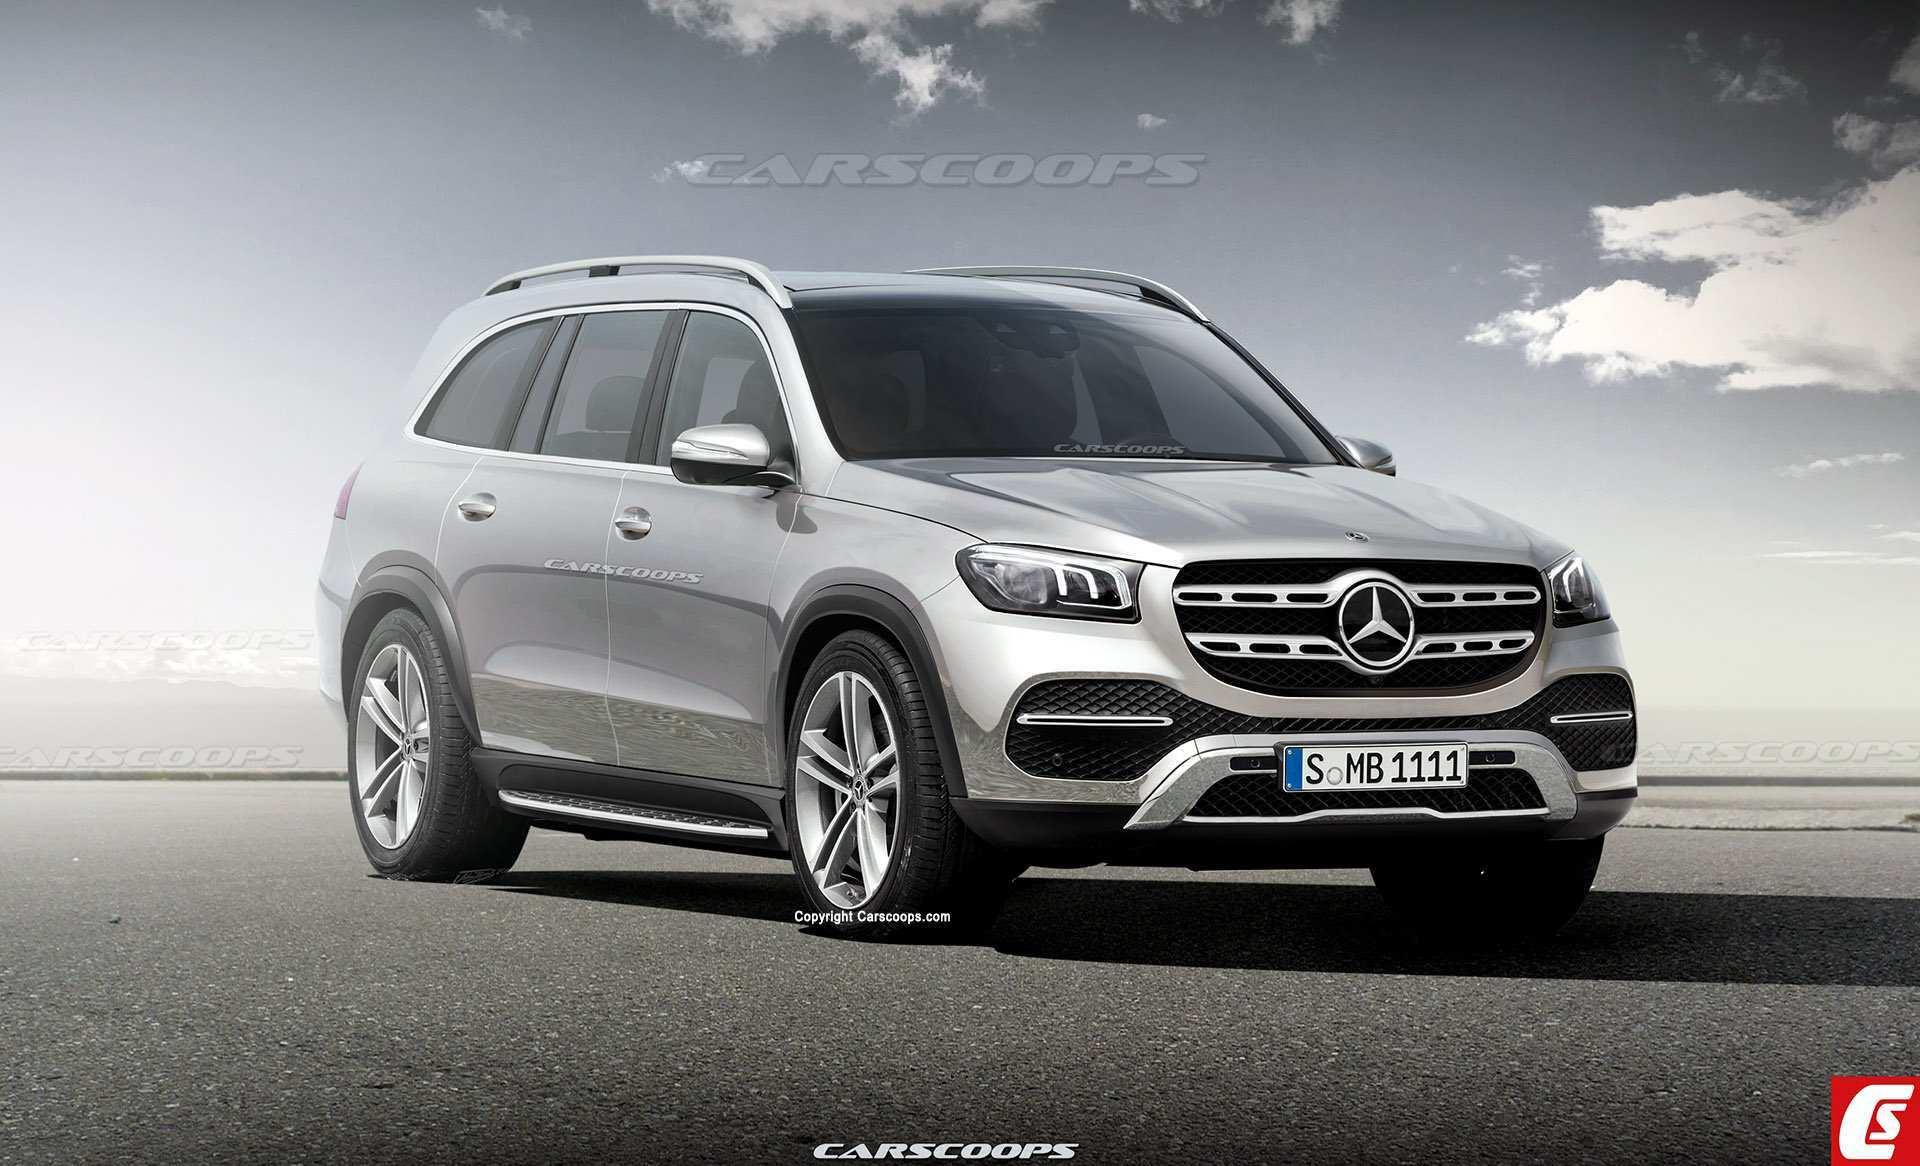 51 The Gls Mercedes 2020 Ratings for Gls Mercedes 2020